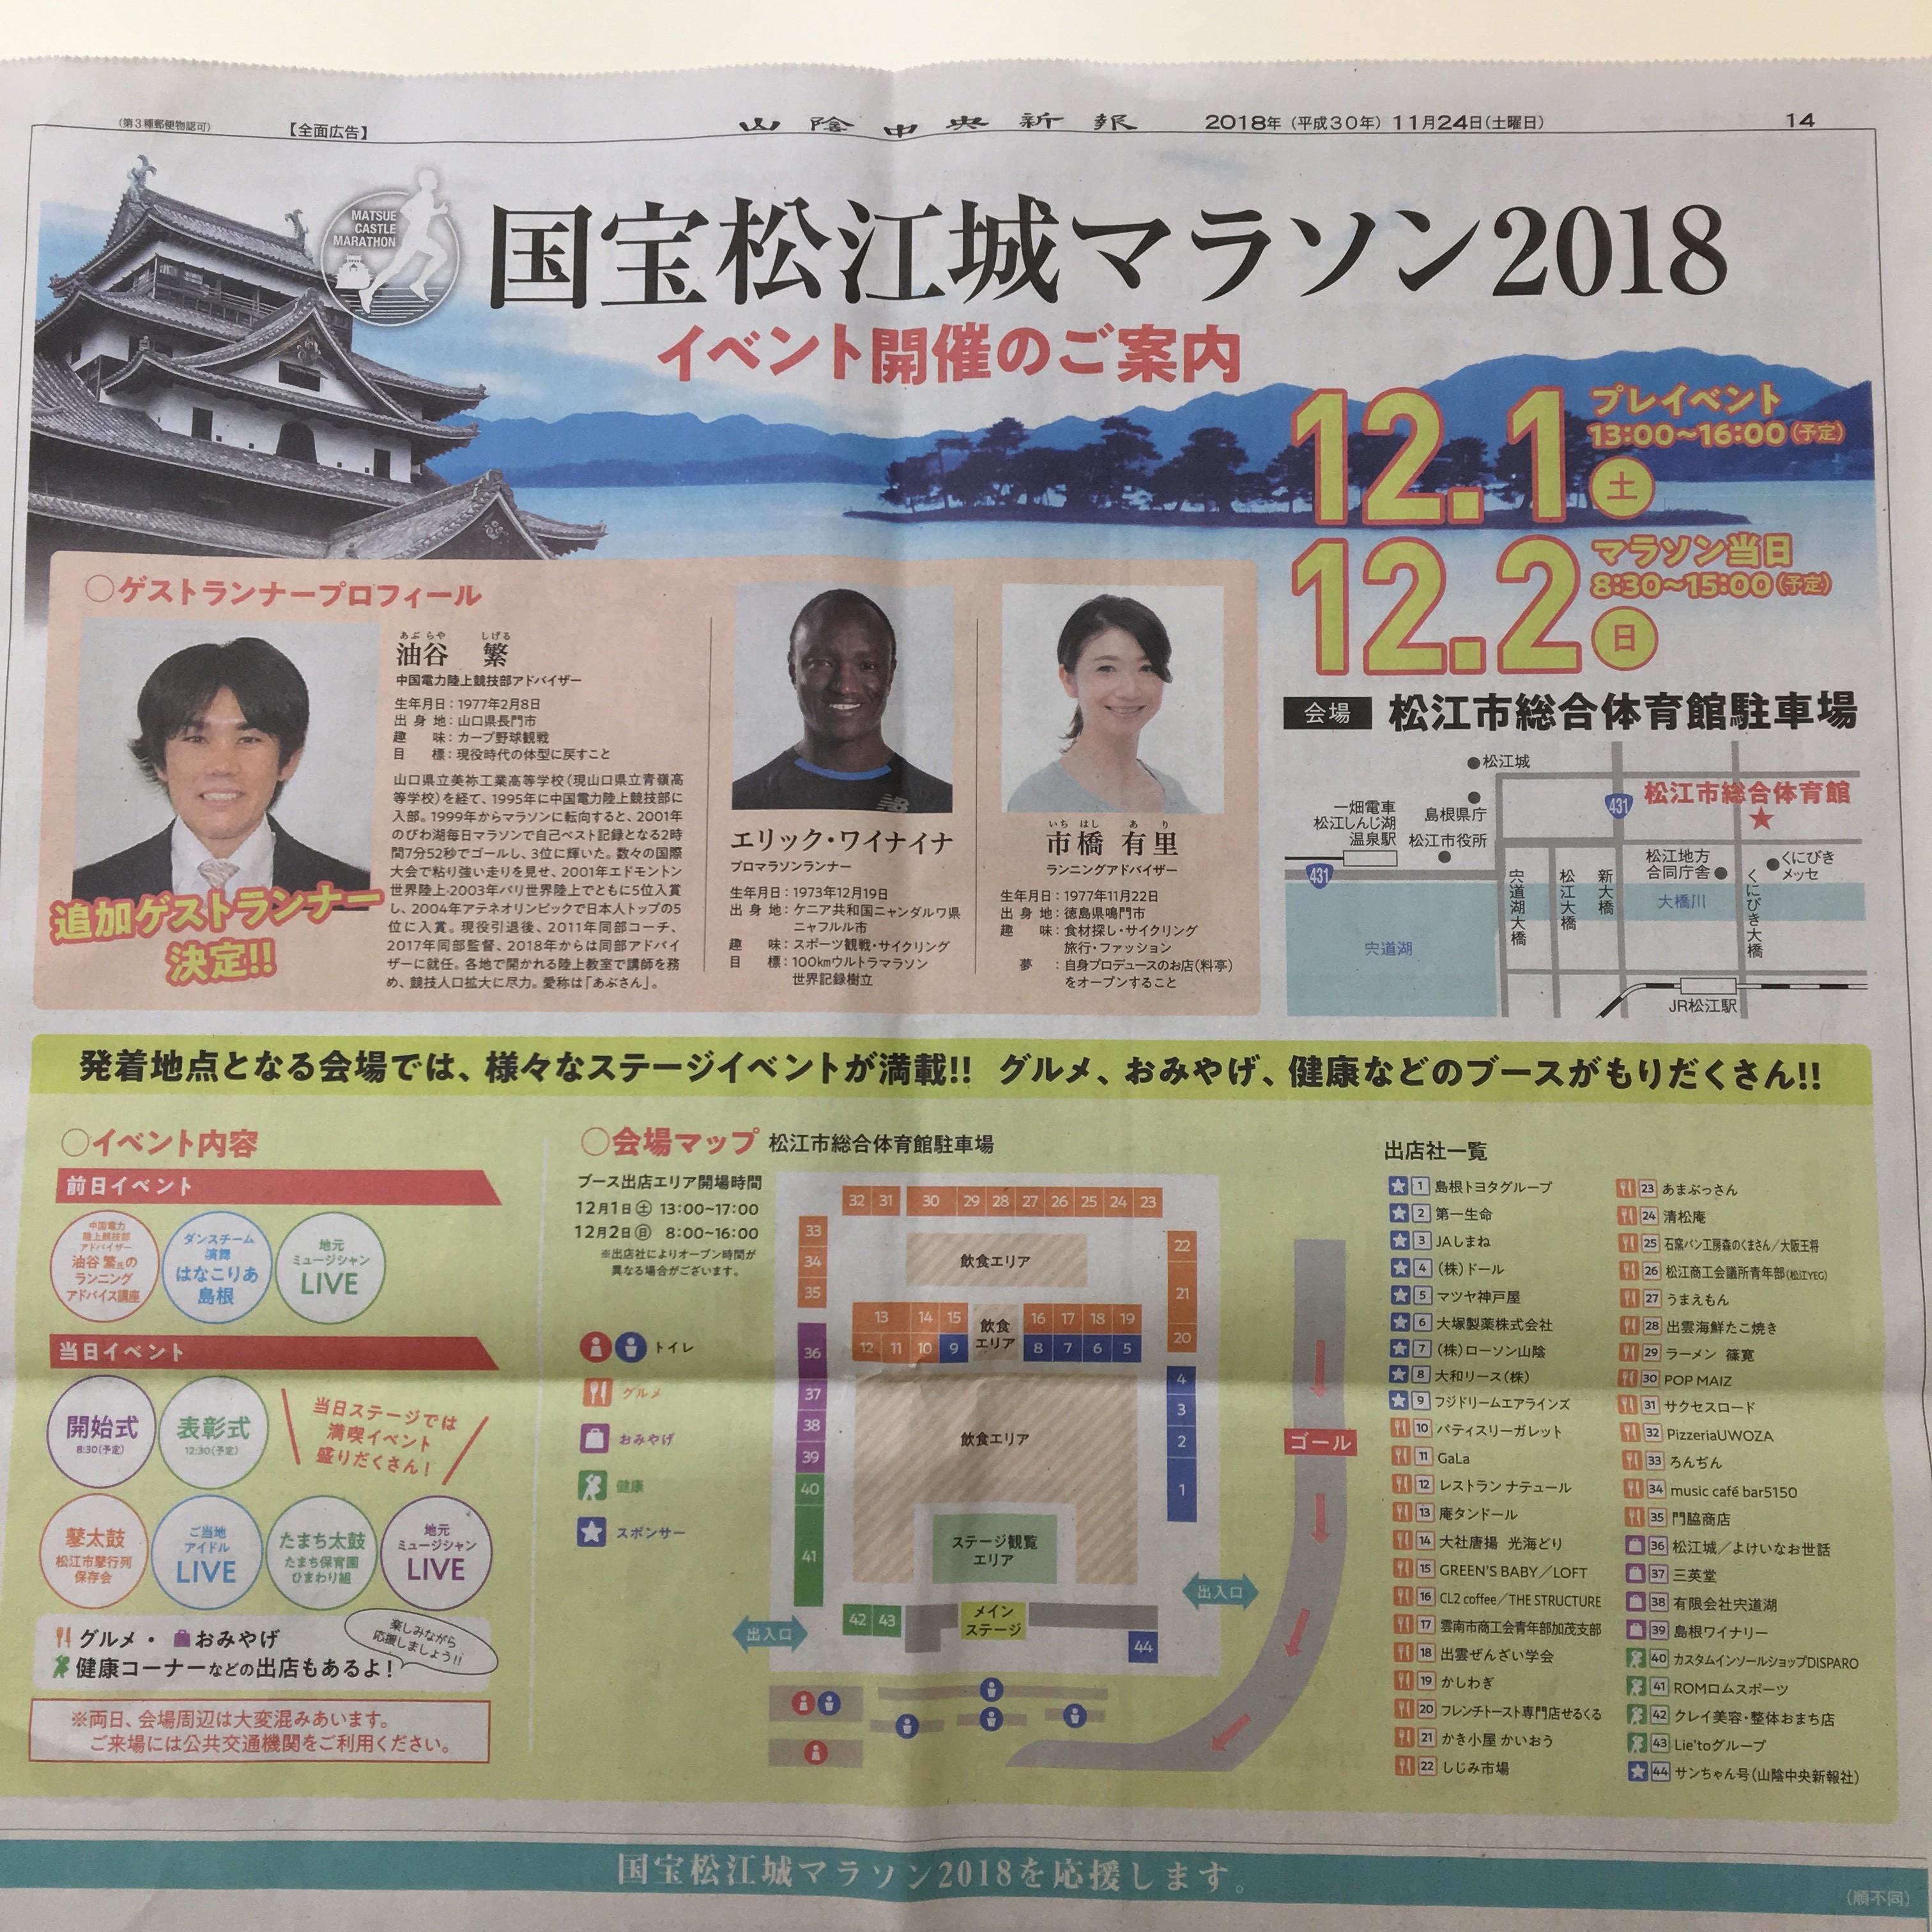 国宝松江城マラソン 2018